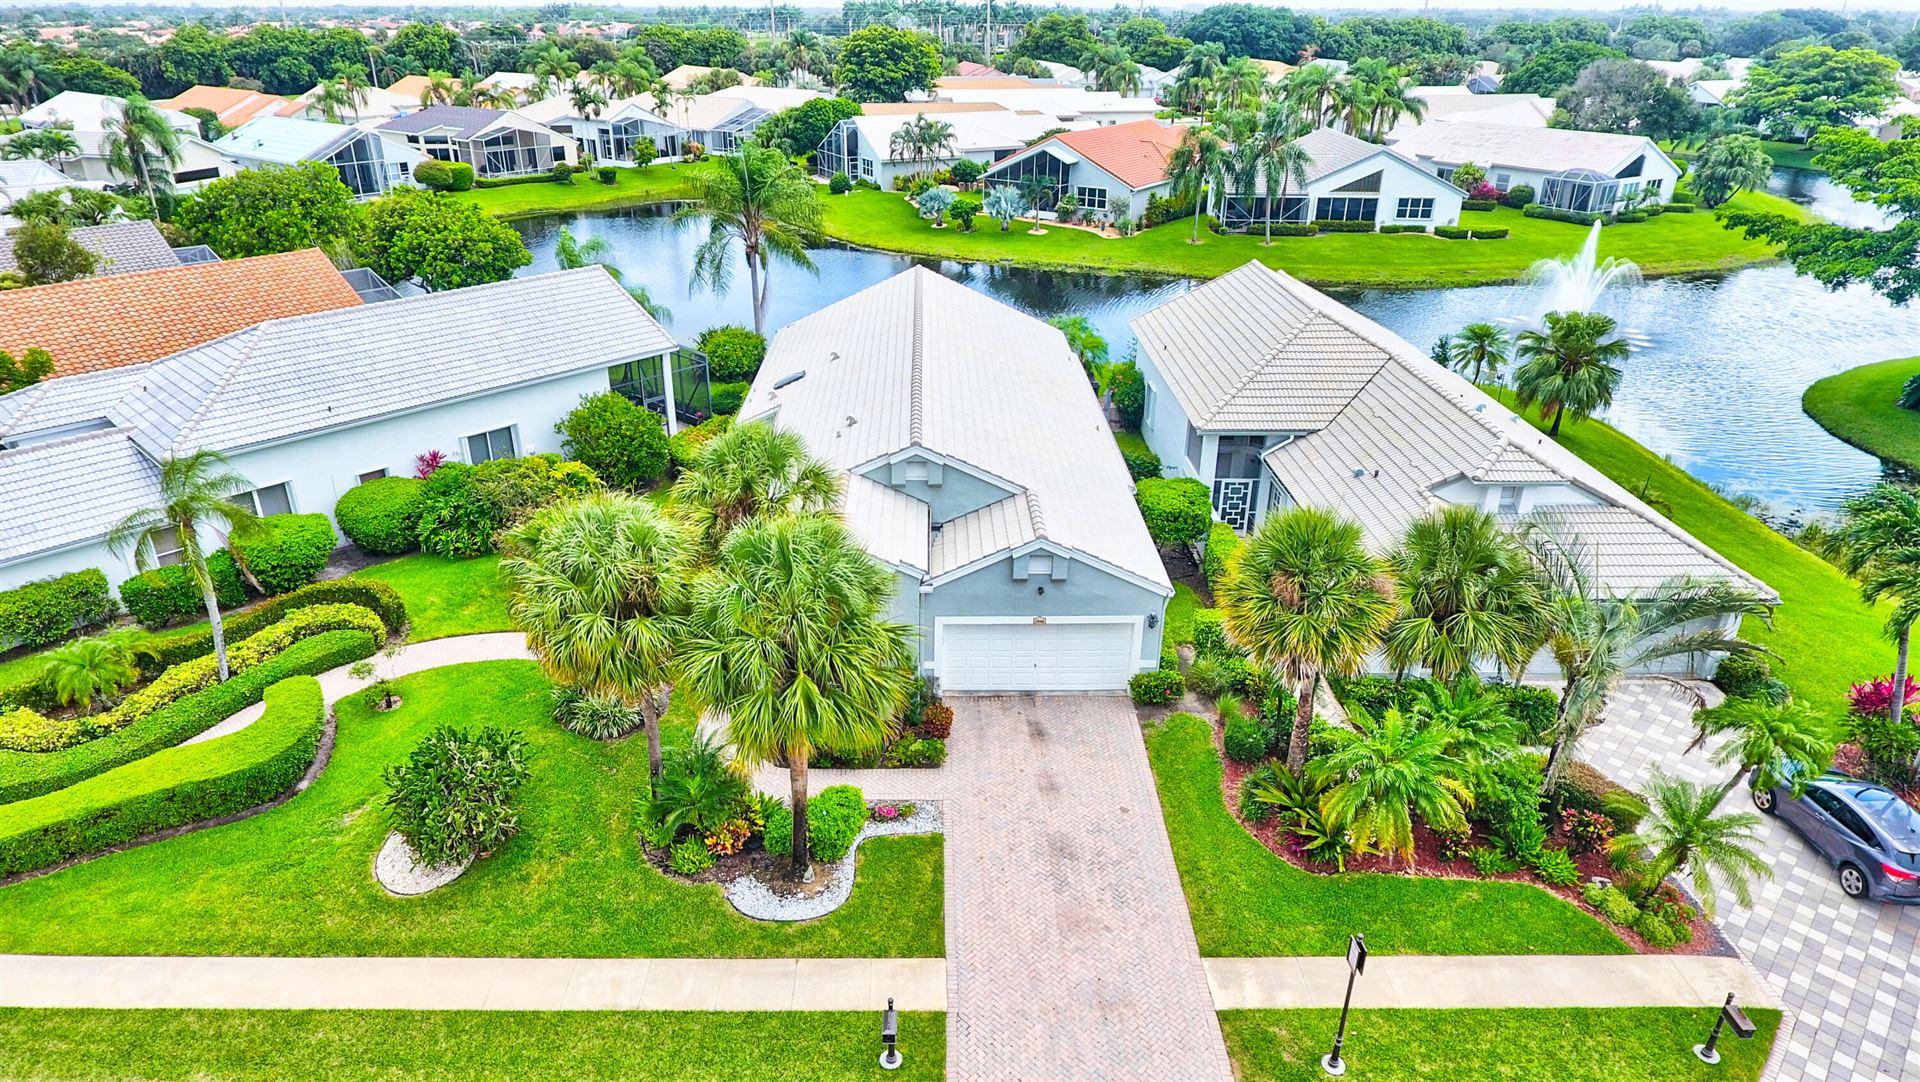 11946 Fountainside Circle, Boynton Beach, FL 33437 - #: RX-10730815